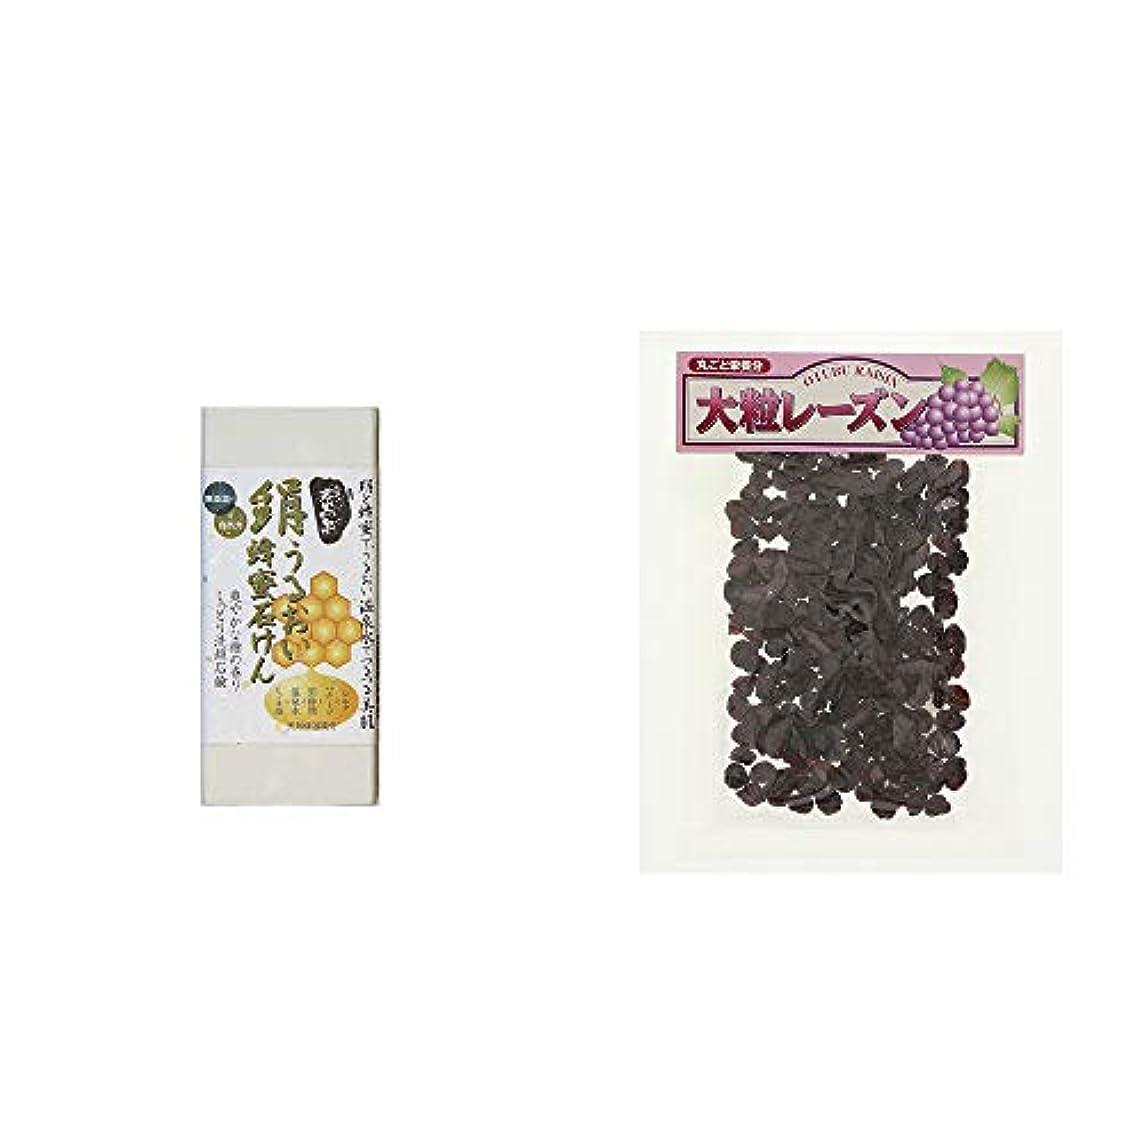 規制スケッチ賛美歌[2点セット] ひのき炭黒泉 絹うるおい蜂蜜石けん(75g×2)?大粒レーズン(280g)